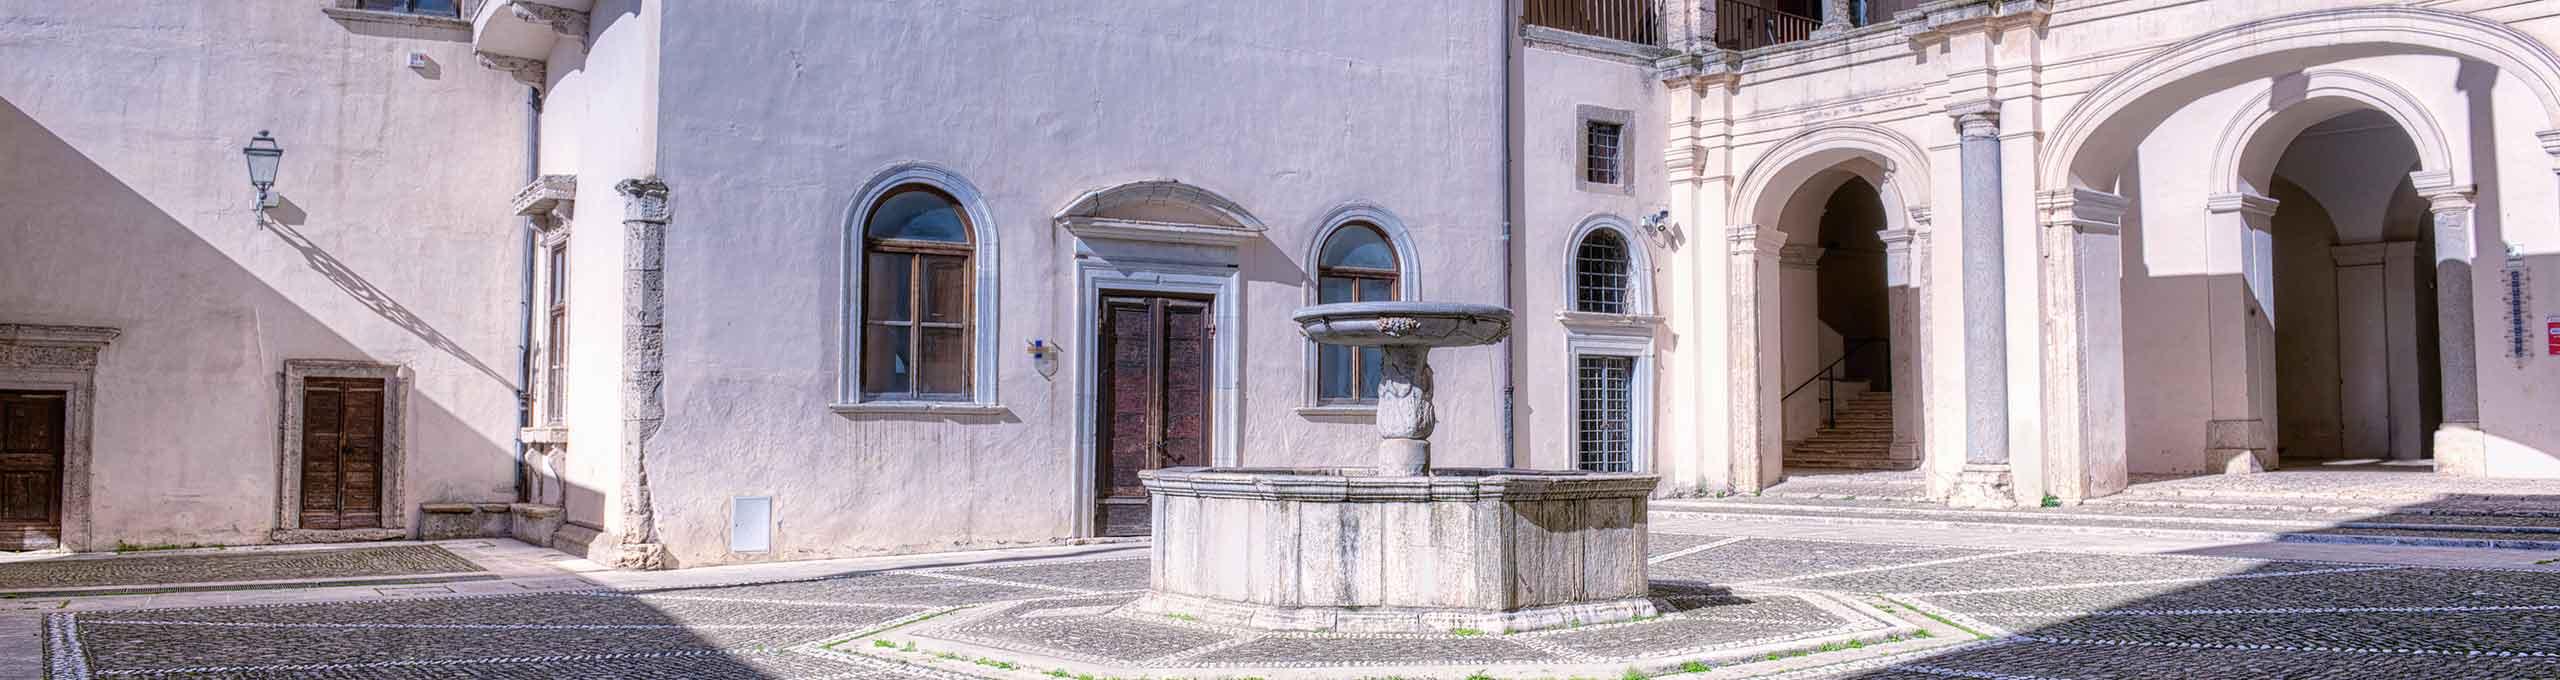 Genazzano, Castelli Romani,  Castello Colonna